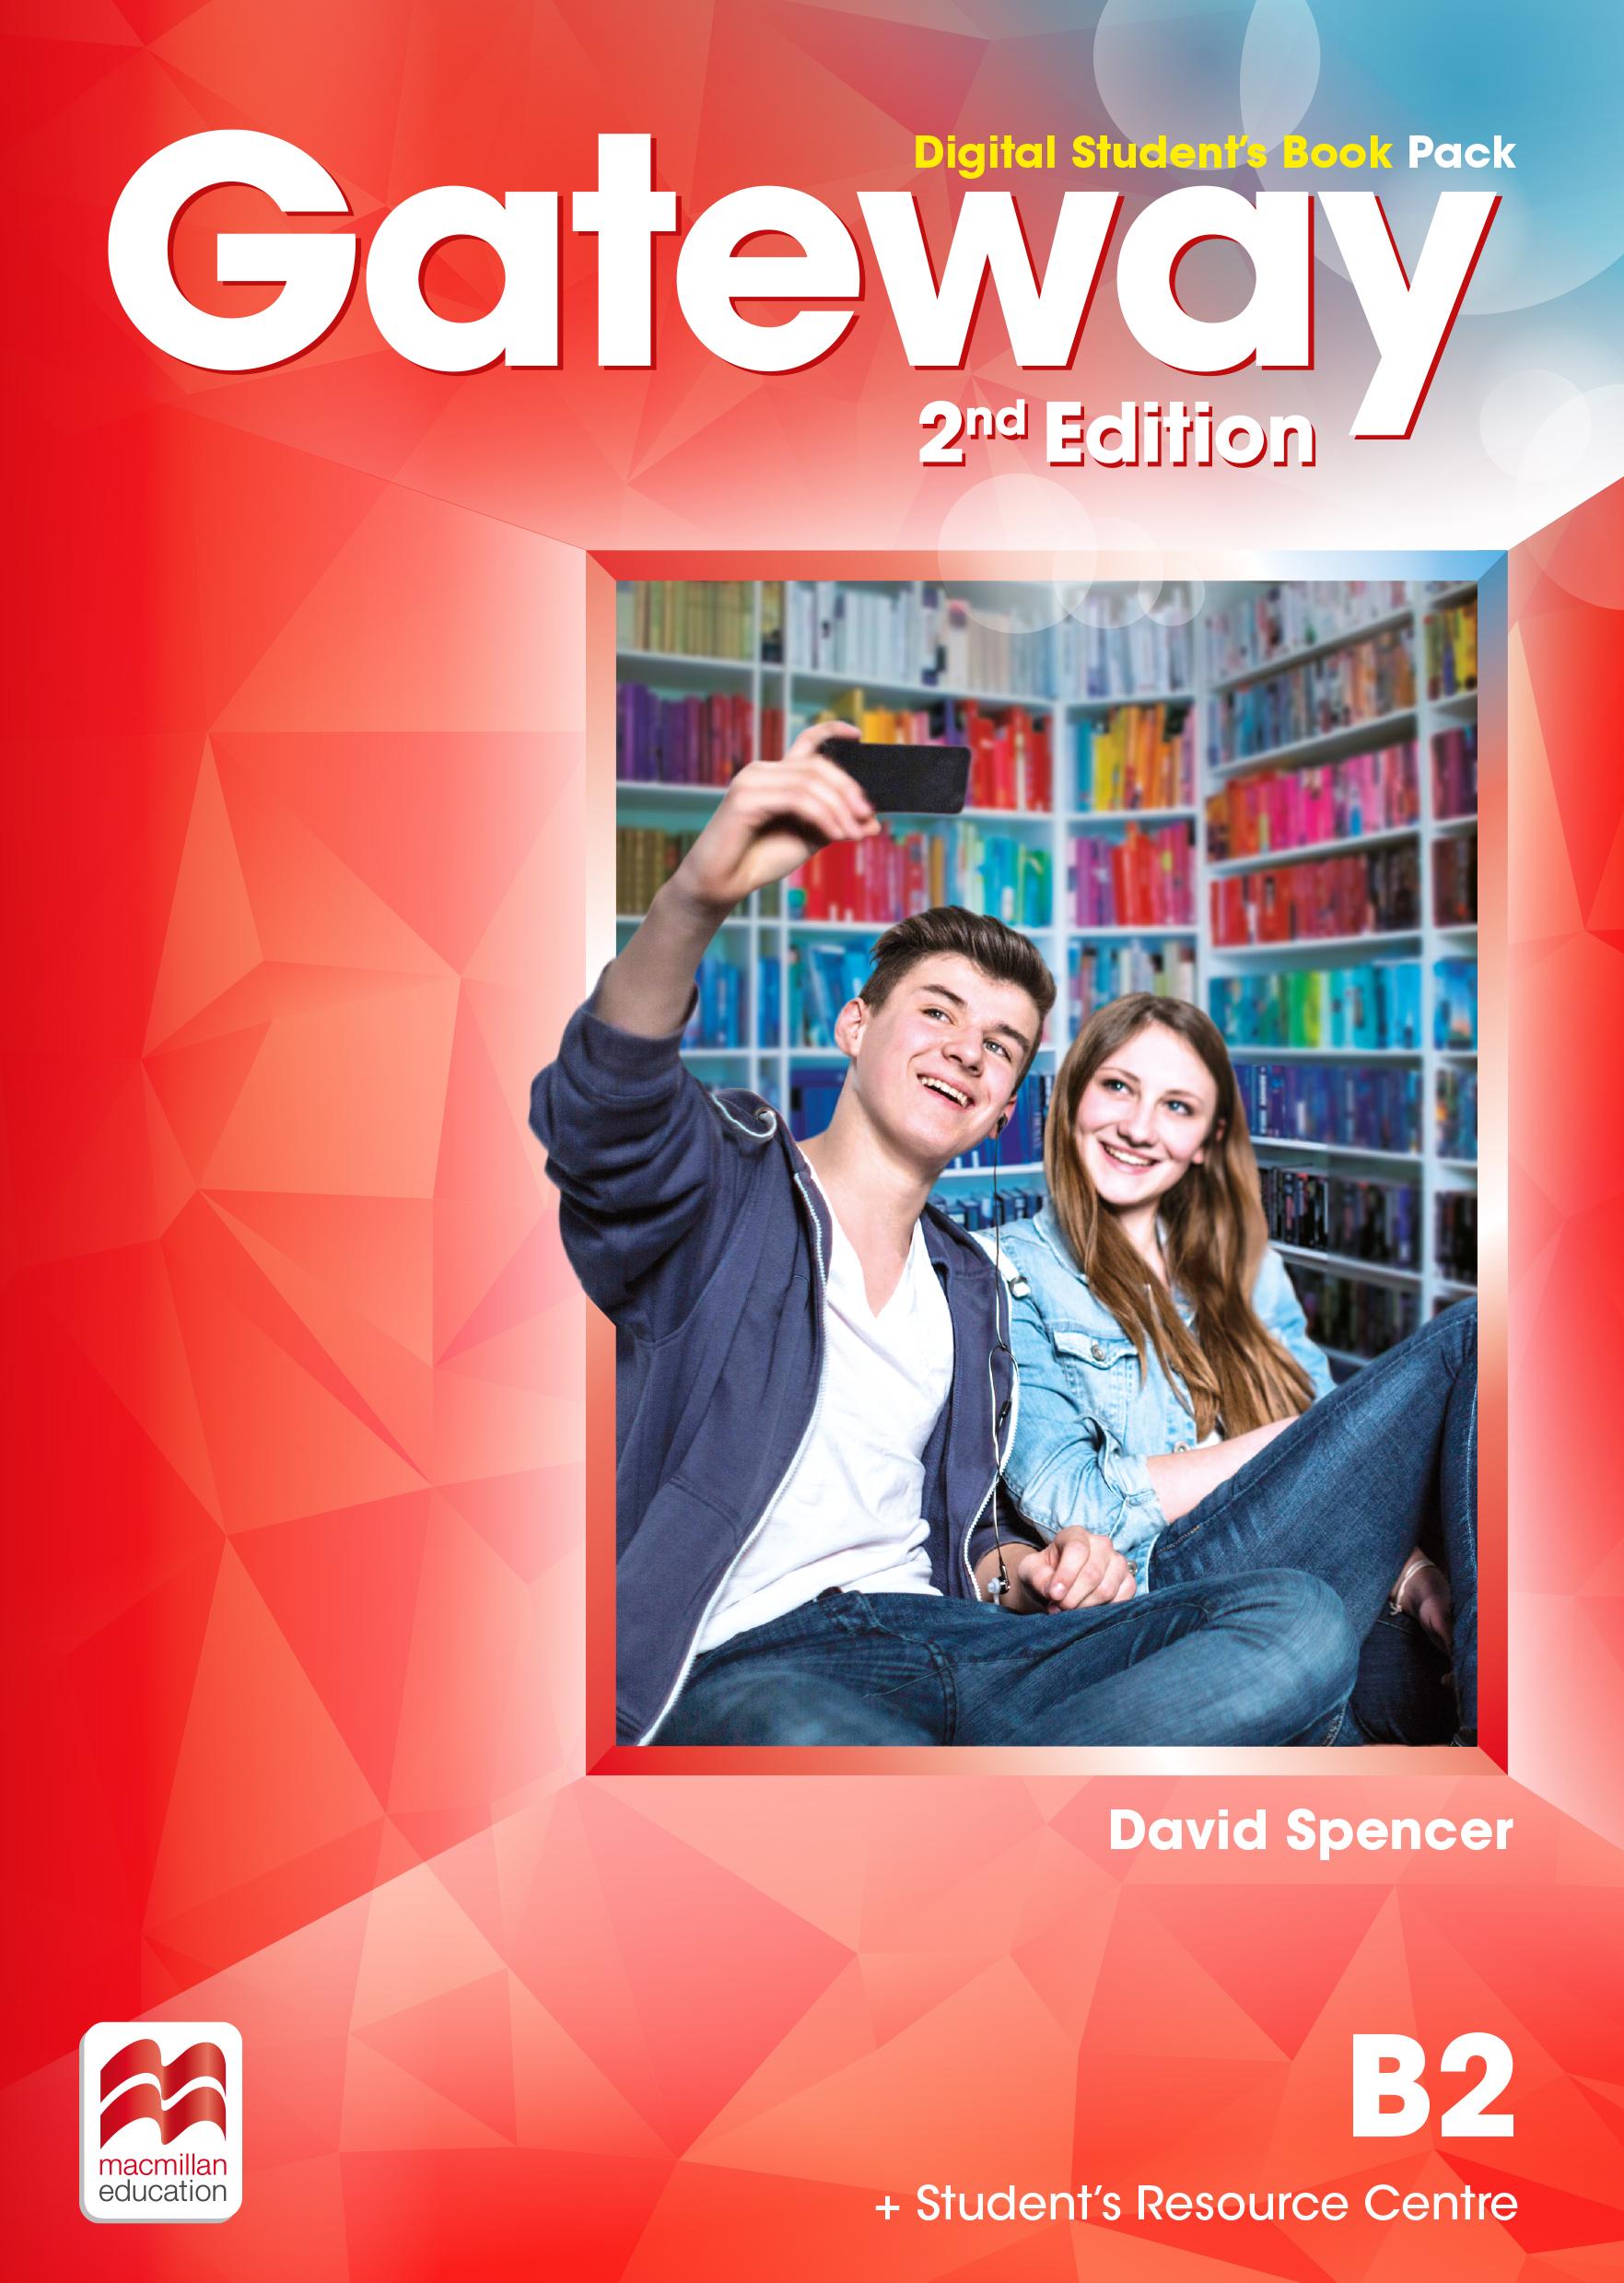 Gateway 2nd Edition B2 Digital Student